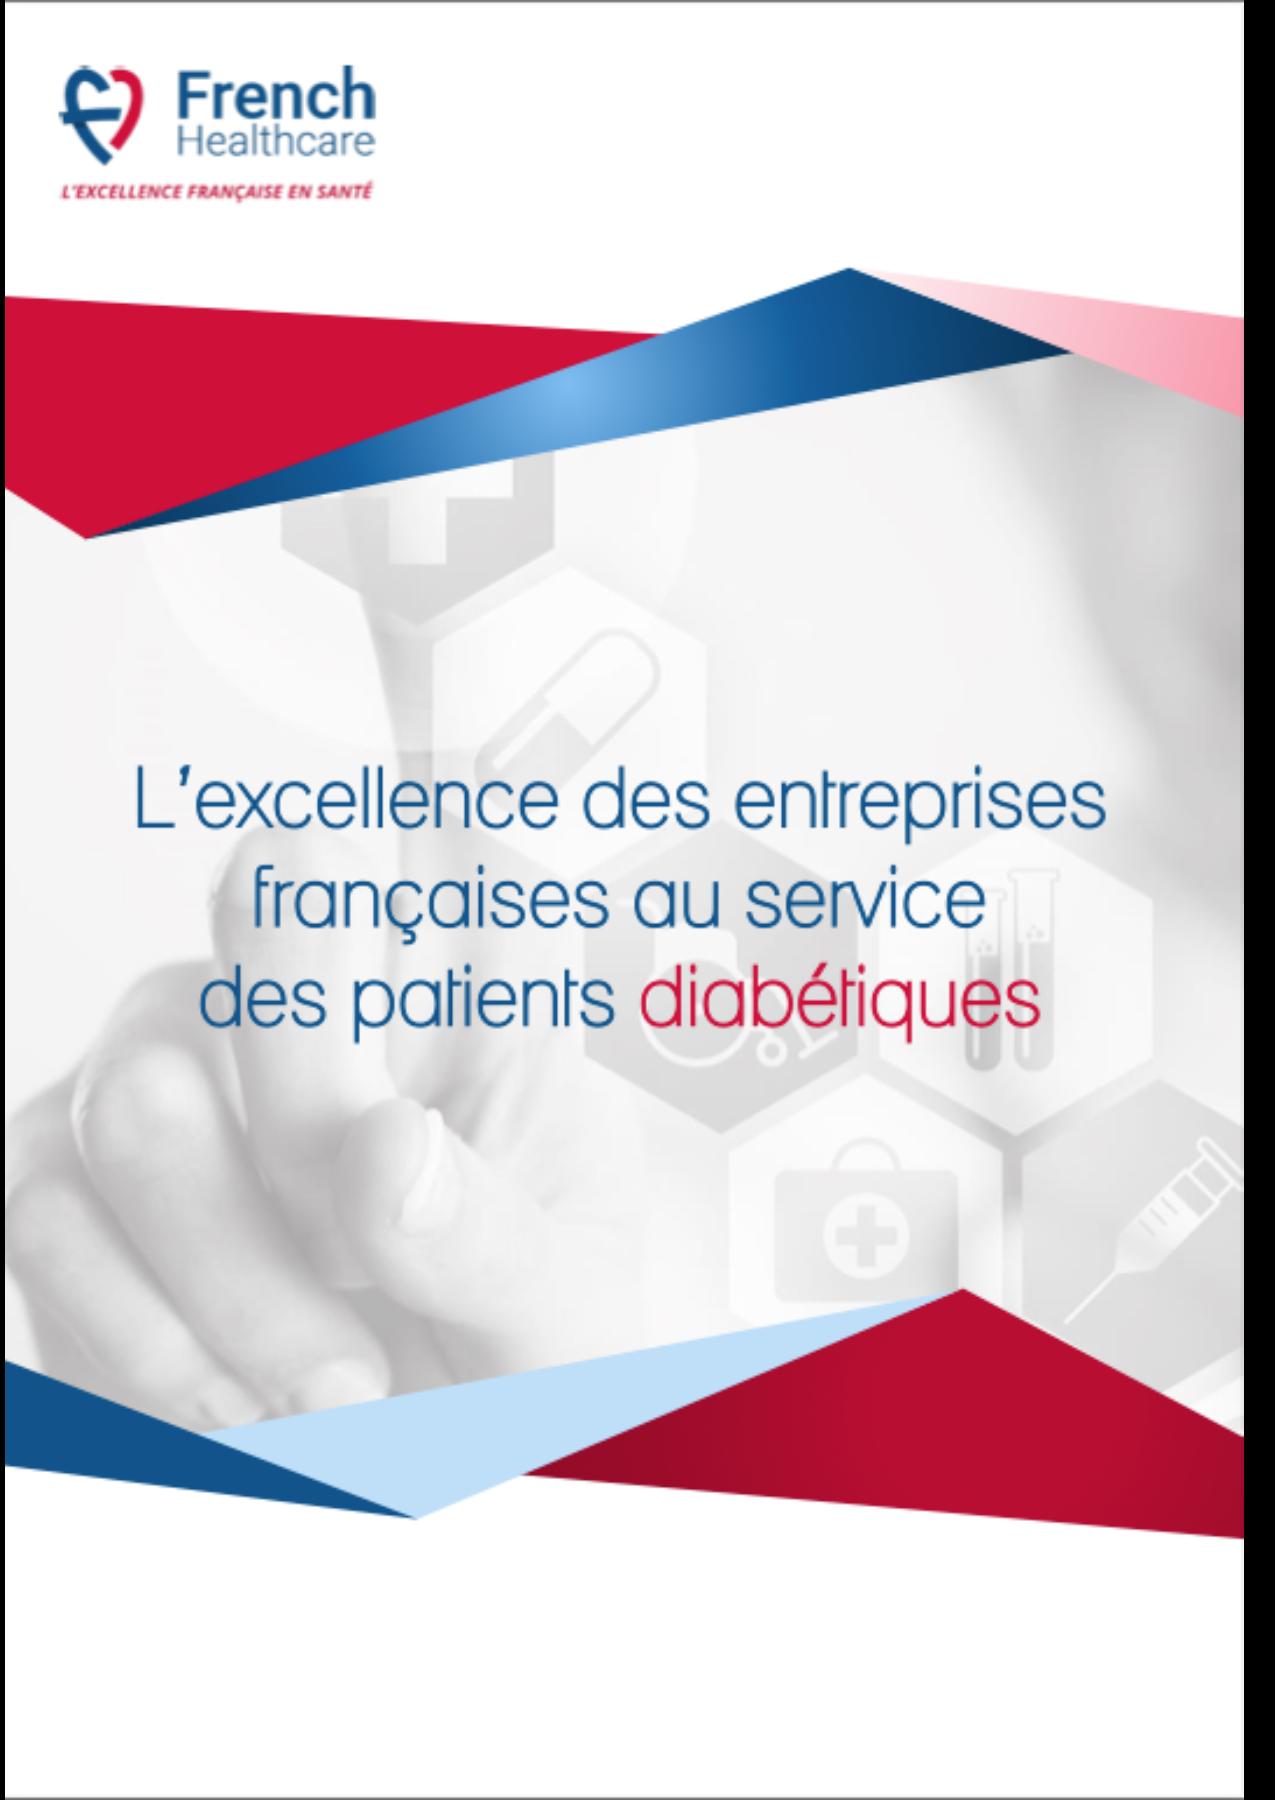 L'excellence des entreprises françaises au service des patients diabétiques